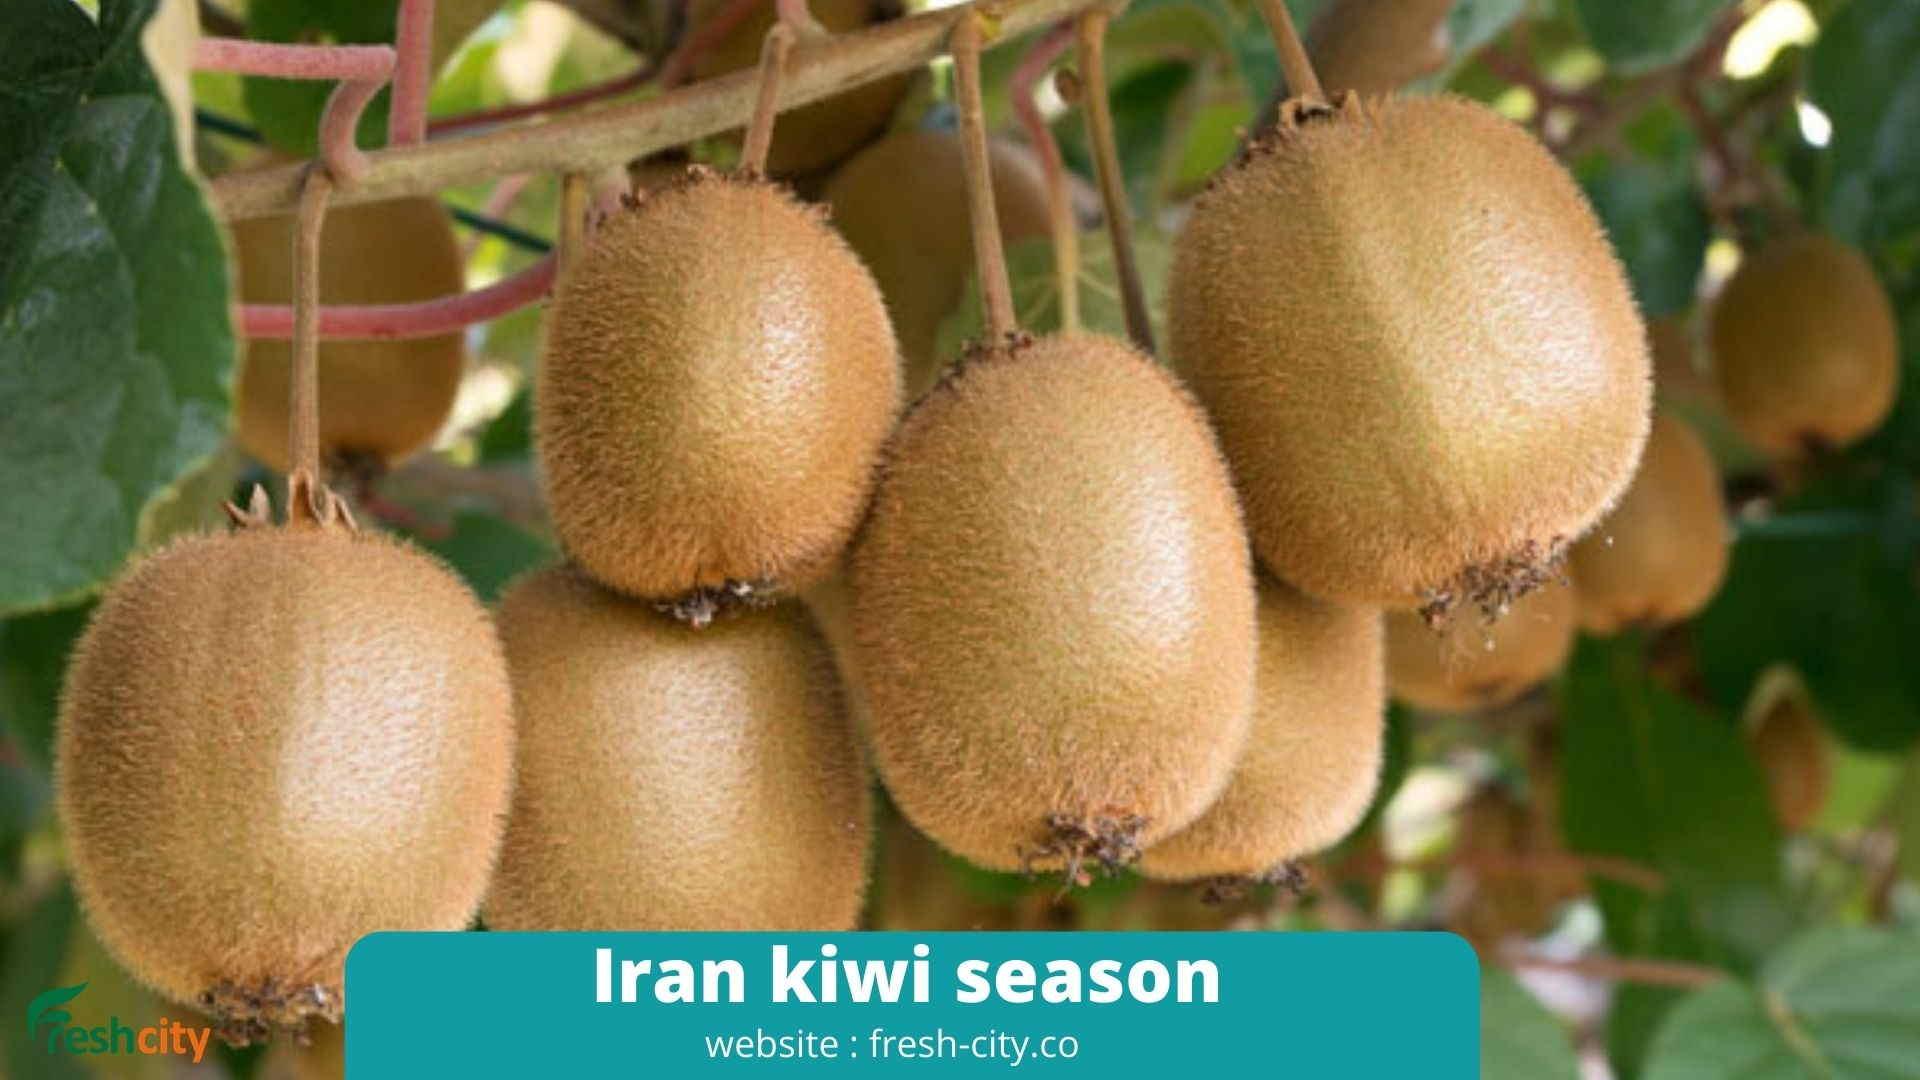 Iran kiwi season